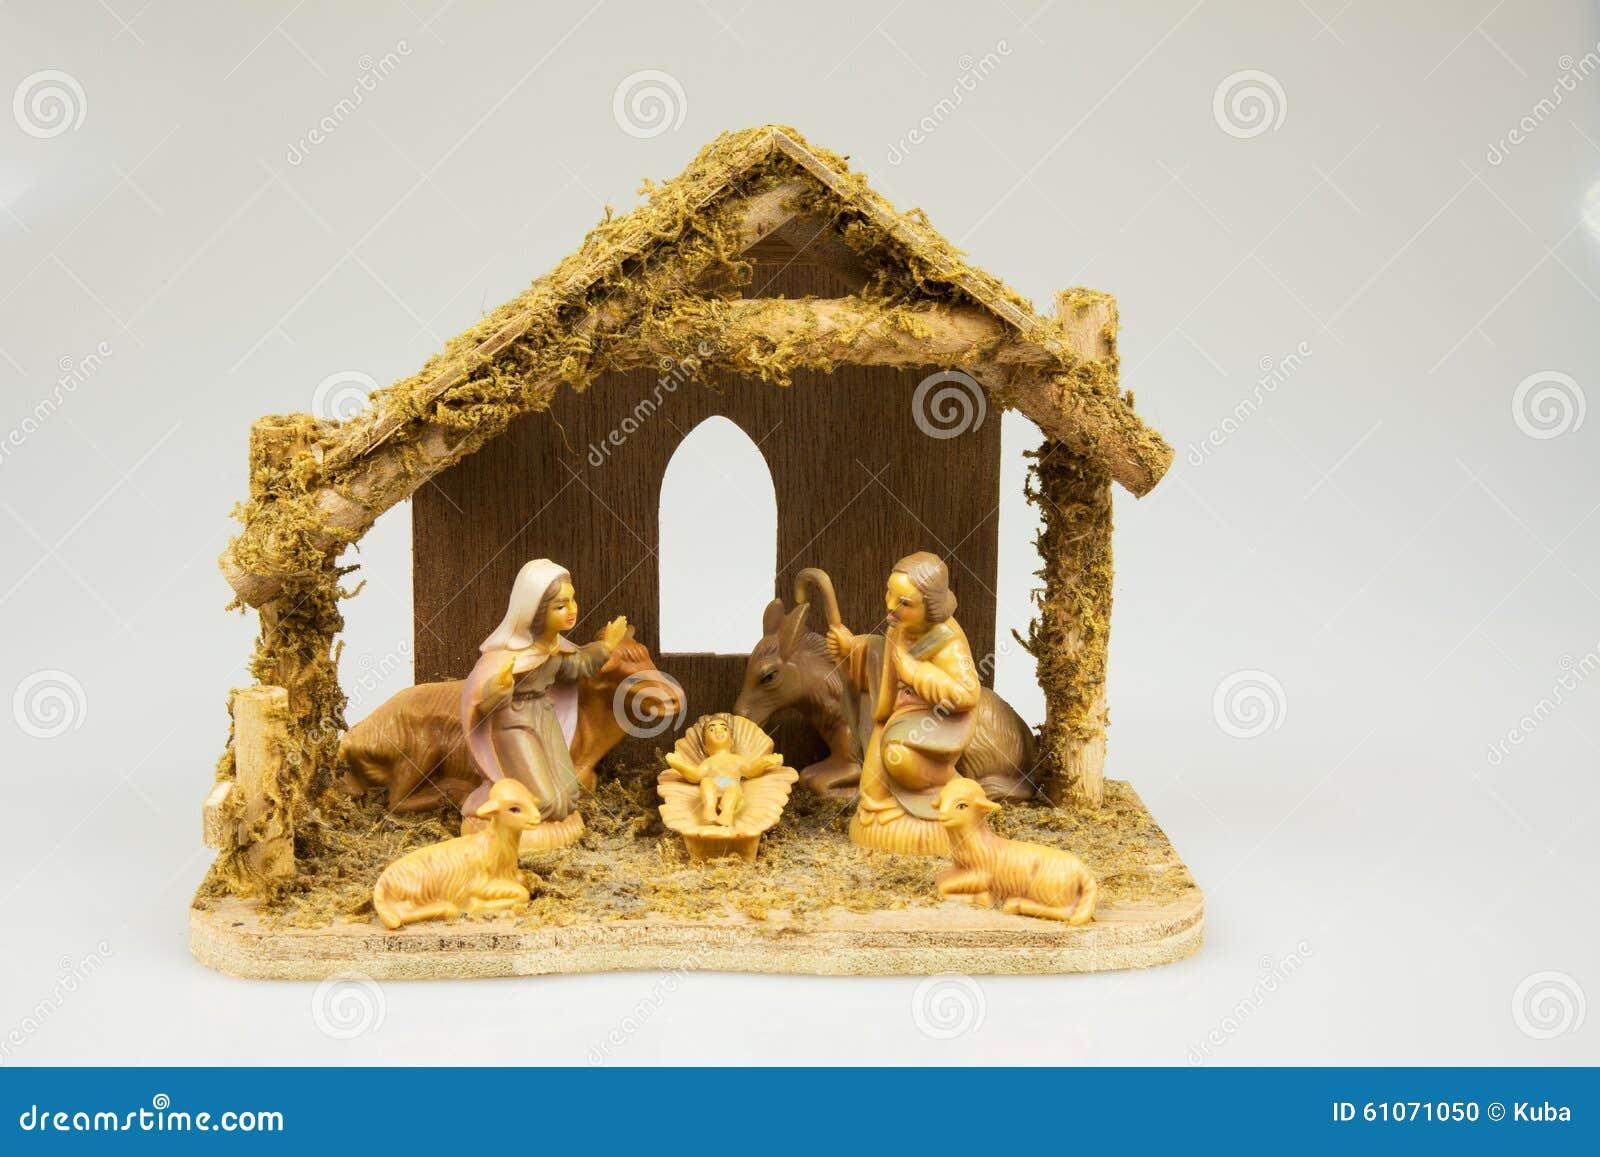 Old Christmas Crib Isolated On White BackgroundHorizontal